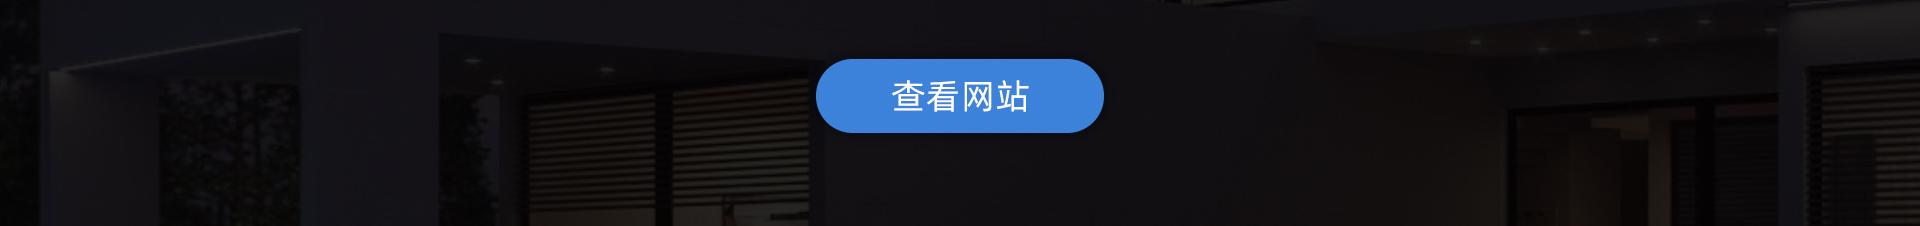 非凡-赵珊珊-东嘉之子_02